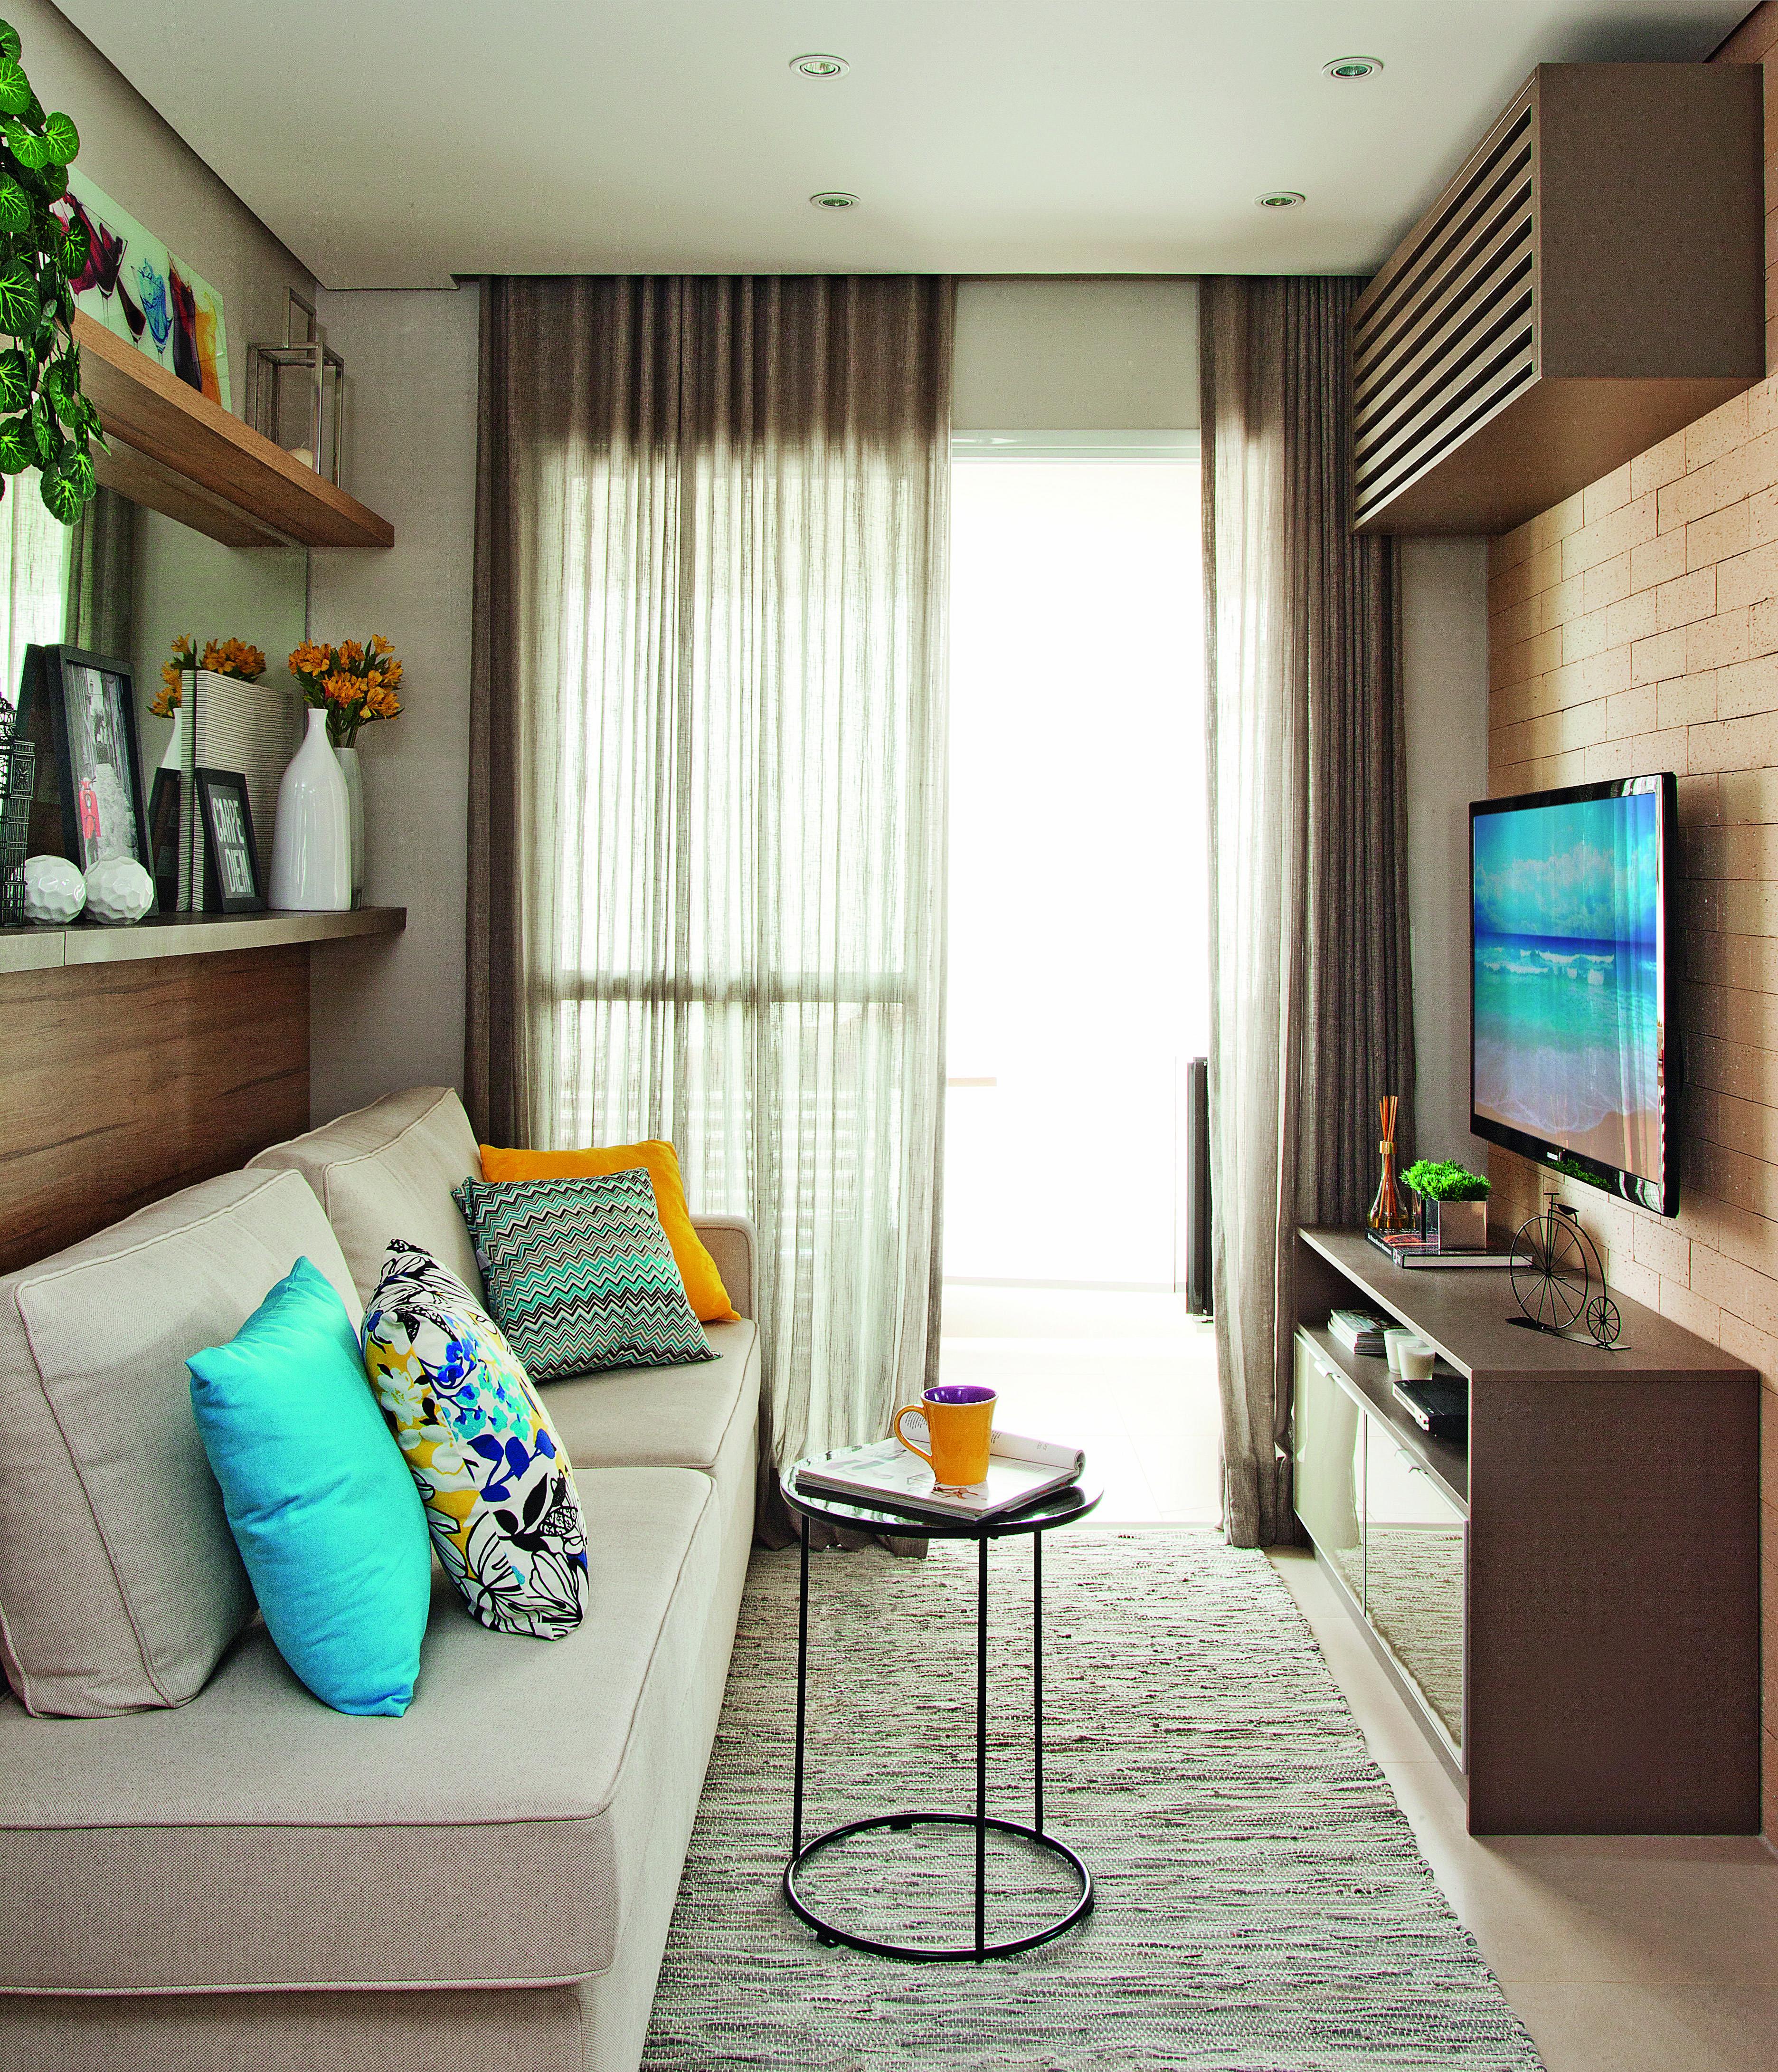 Apartamento Pequeno Com Ambientes Integrados E Decoração Neutra